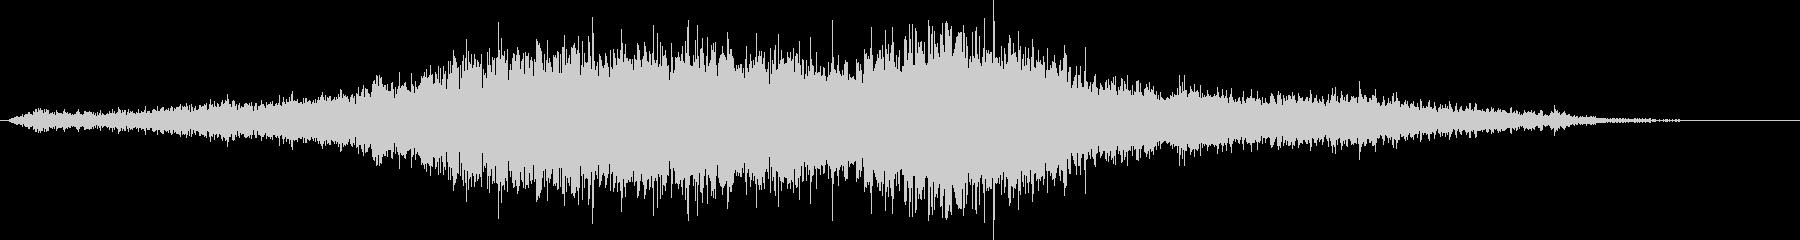 カーゴシリーズオブ3:ミディアム;...の未再生の波形